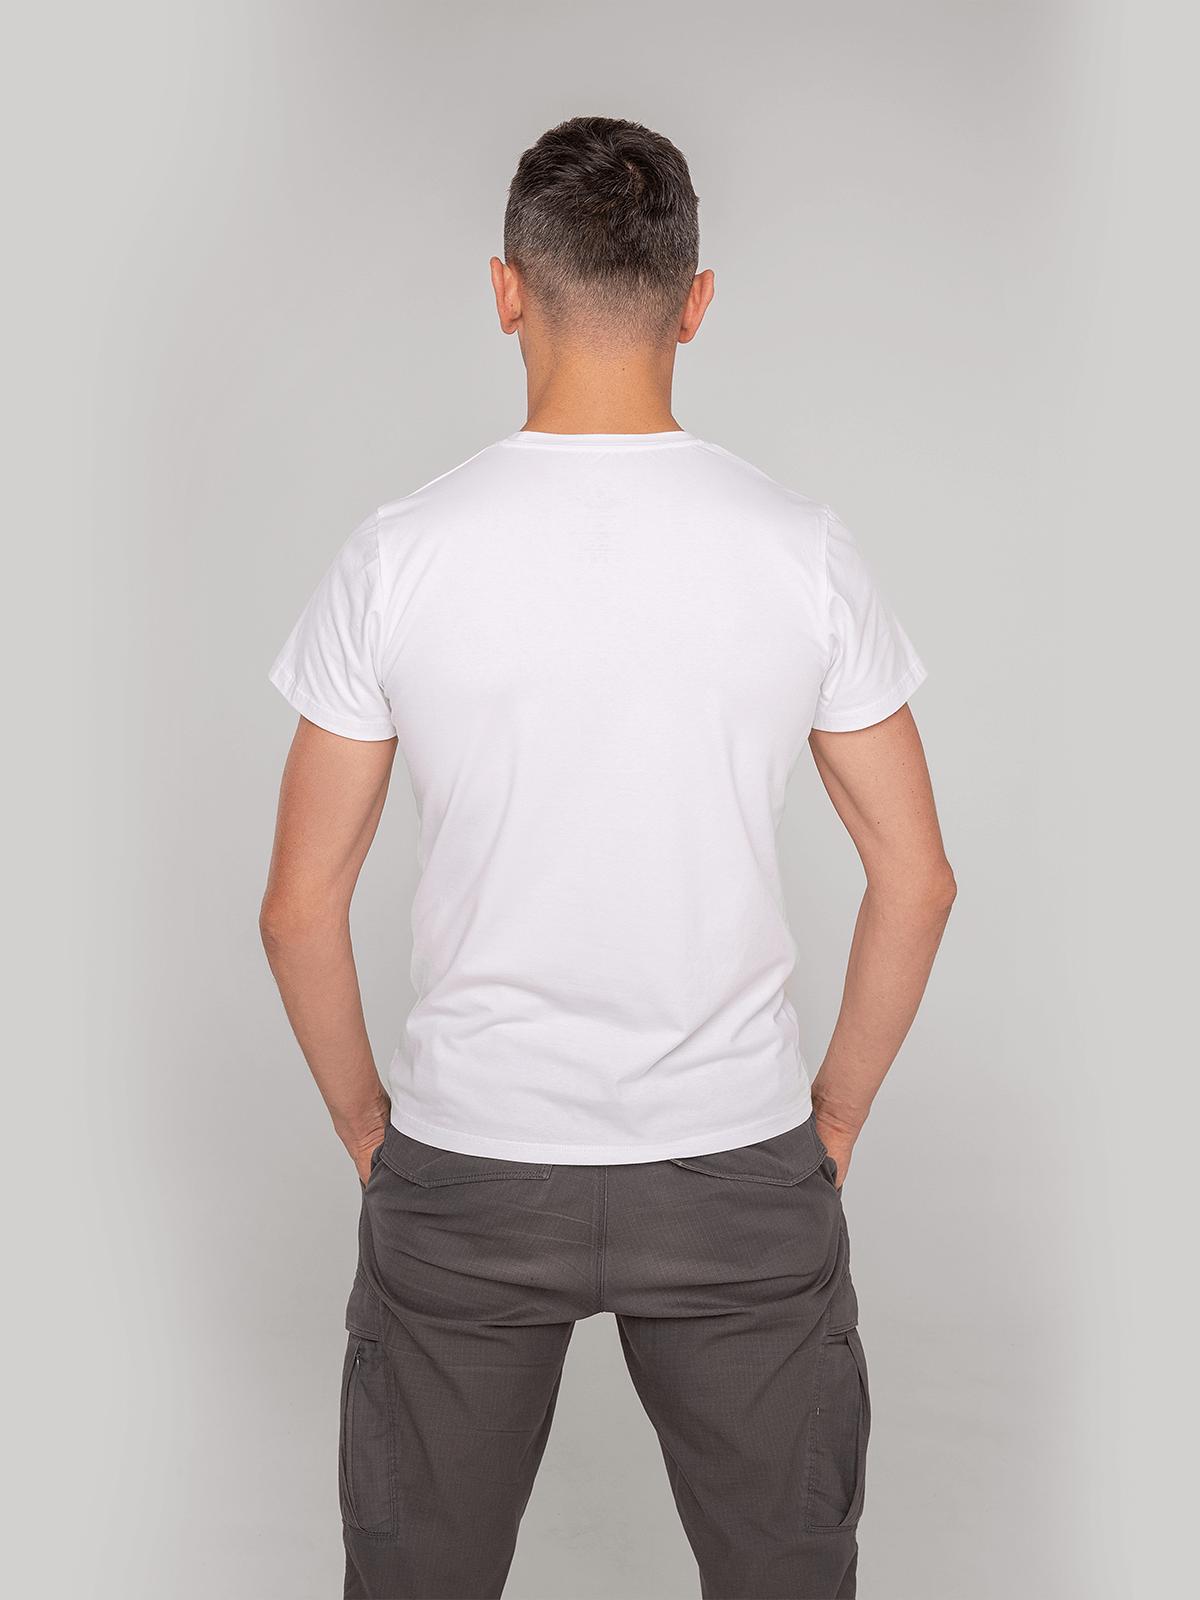 Men's T-Shirt Hedgehog. Color white.  Material: 95% cotton, 5% spandex.